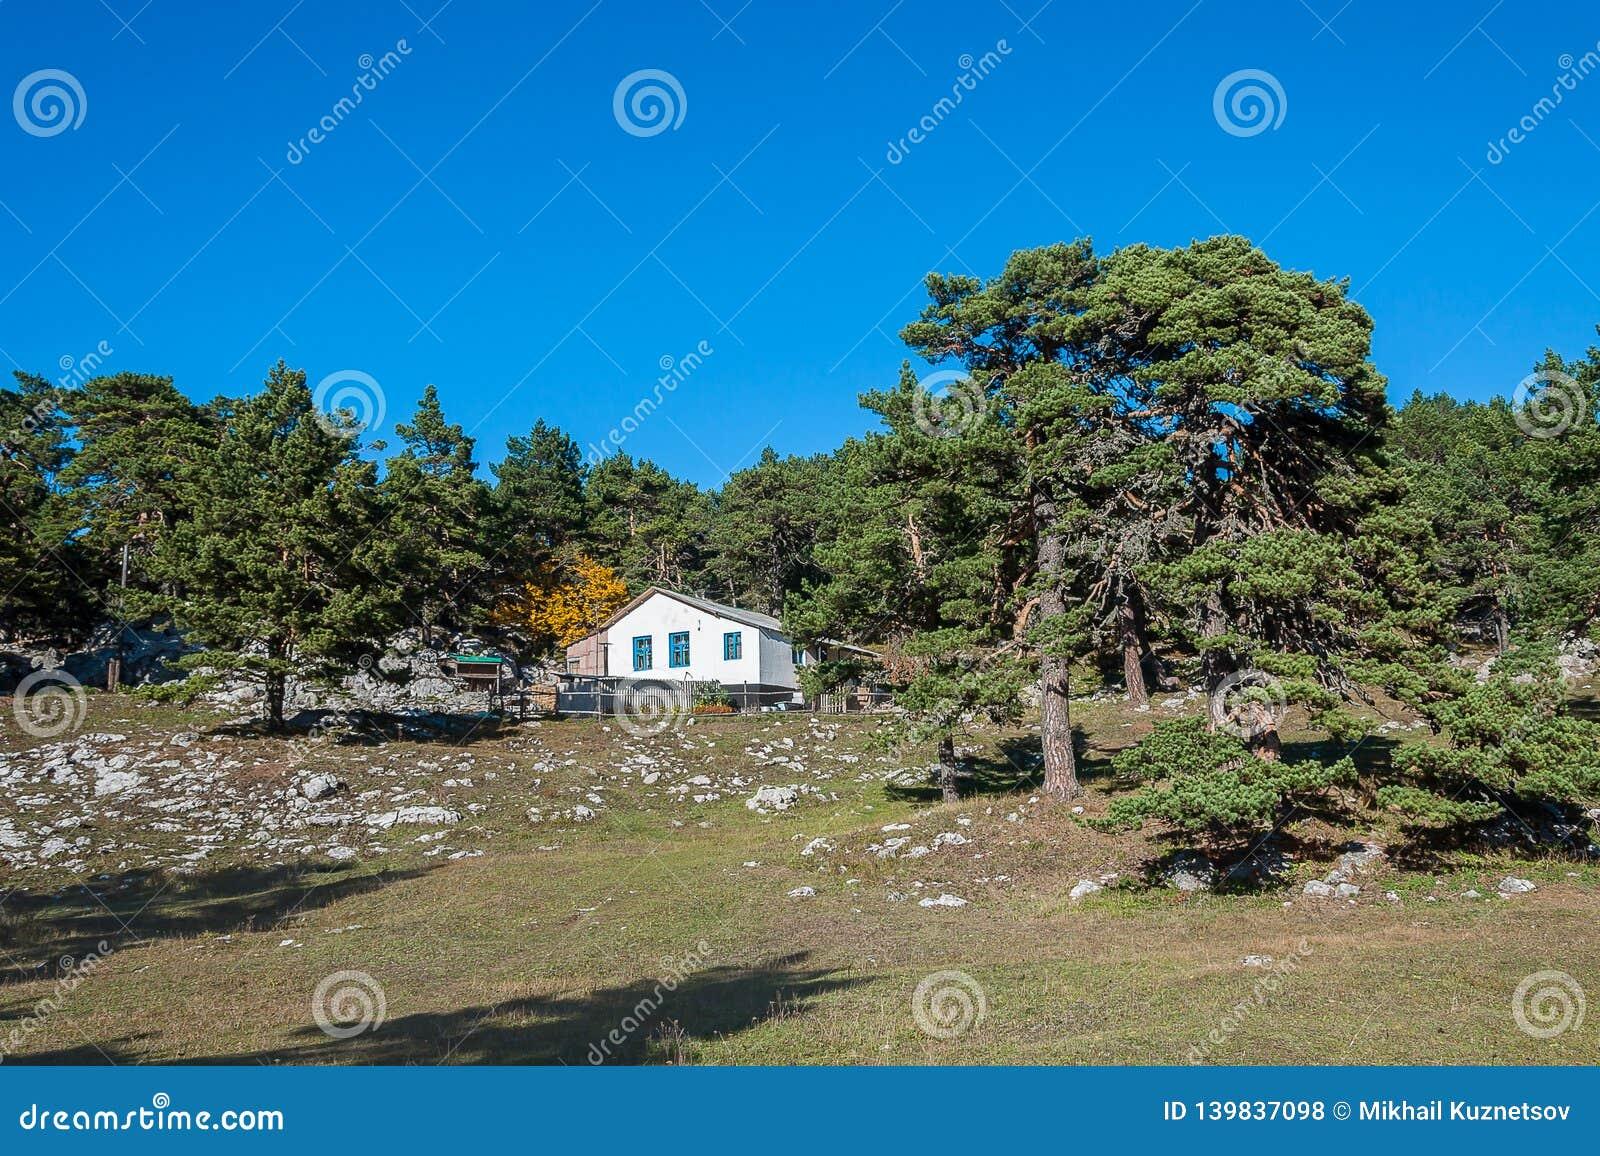 La choza del silvicultor entre árboles del siglo contra el cielo azul